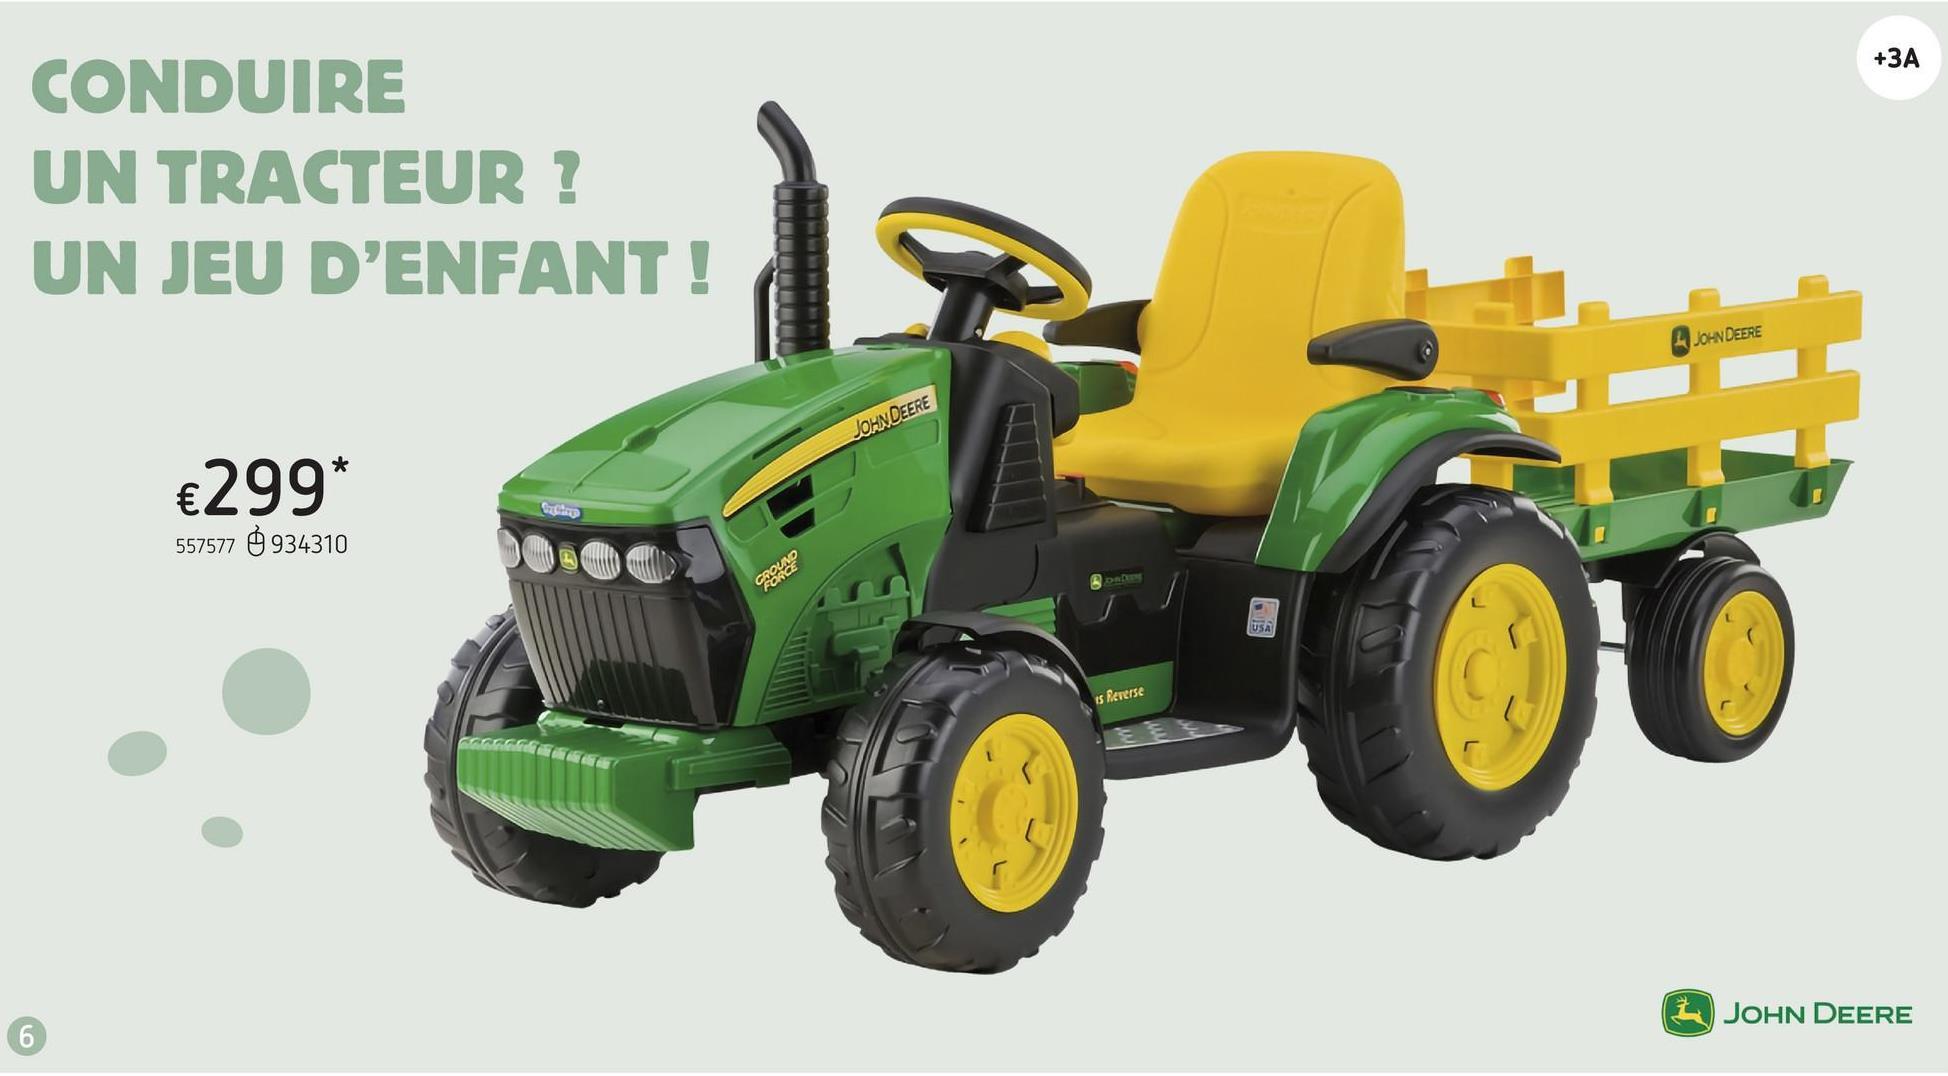 Peg-Pérego tracteur électrique John Deere Ground Force